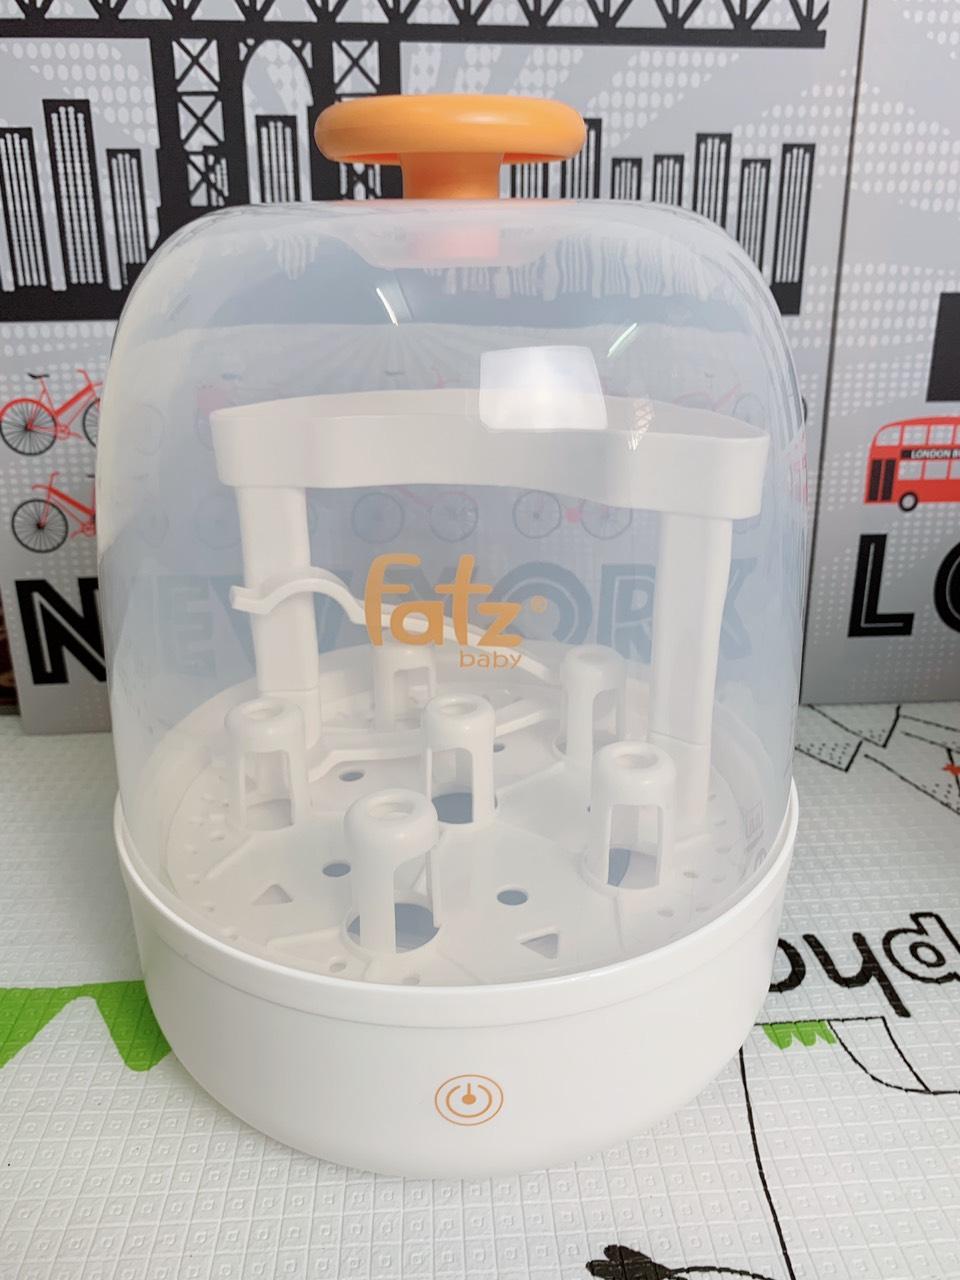 Máy tiệt trùng bình sữa hơi nước điện tử Fatz FB4036SL - CHÍNH HÃNG / TẶNG KHẨU TRANG CHO BÉ